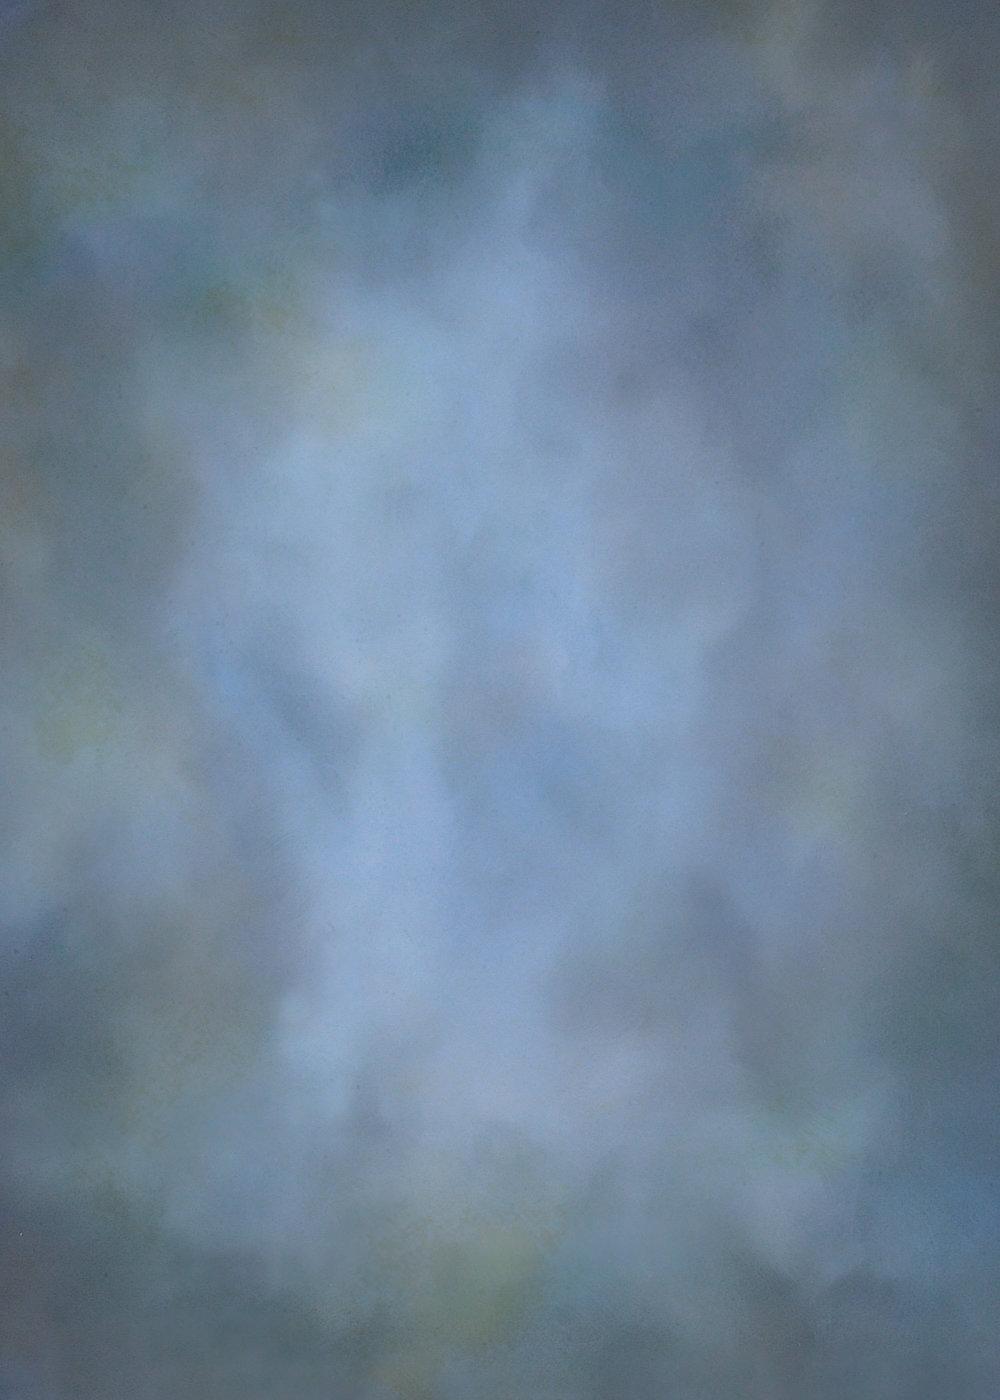 Kindergrad Background Blue - KC